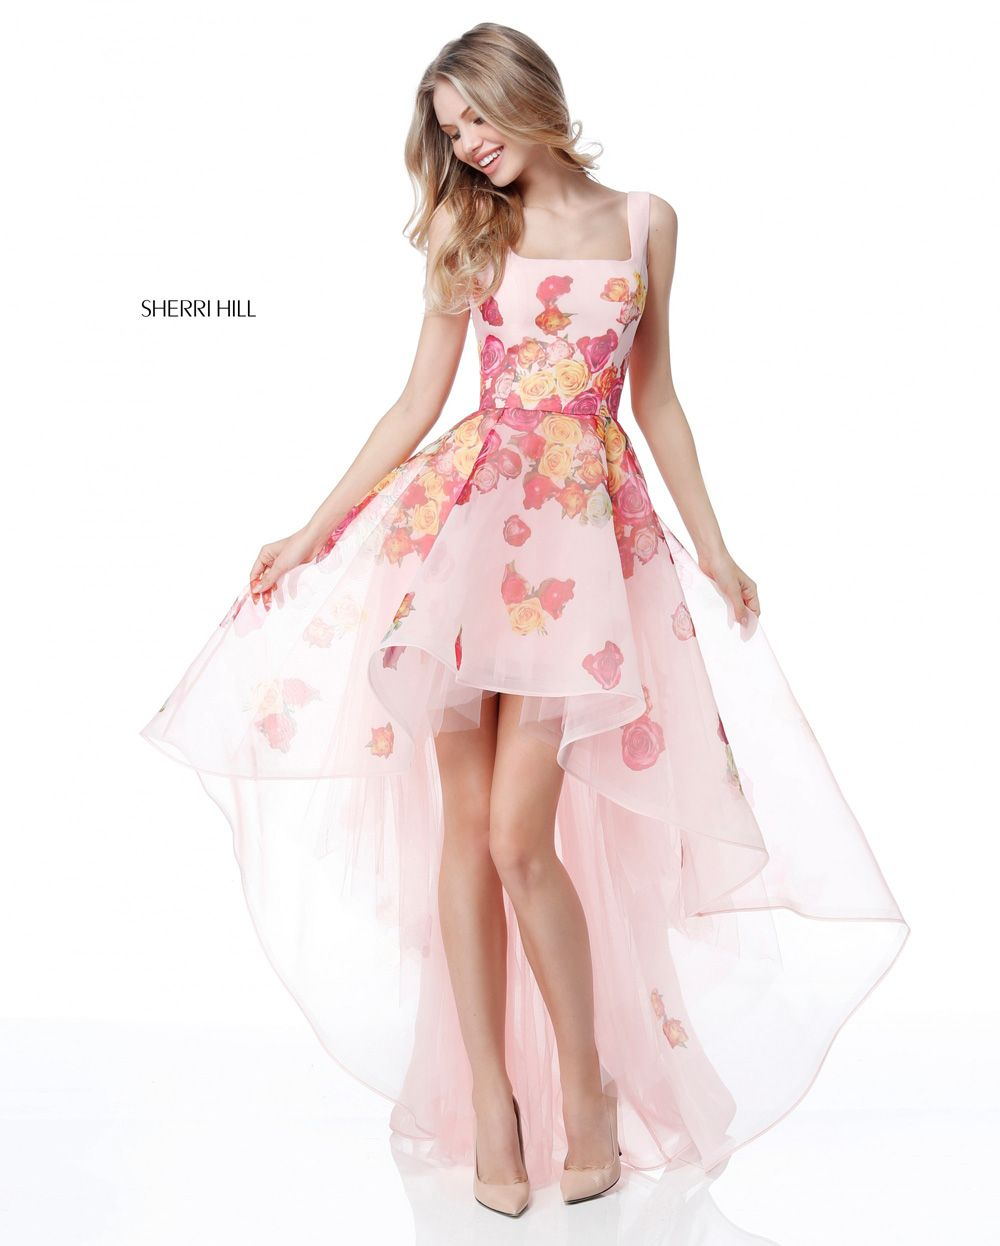 tendencia en vestidos de fiesta 2018 (5)